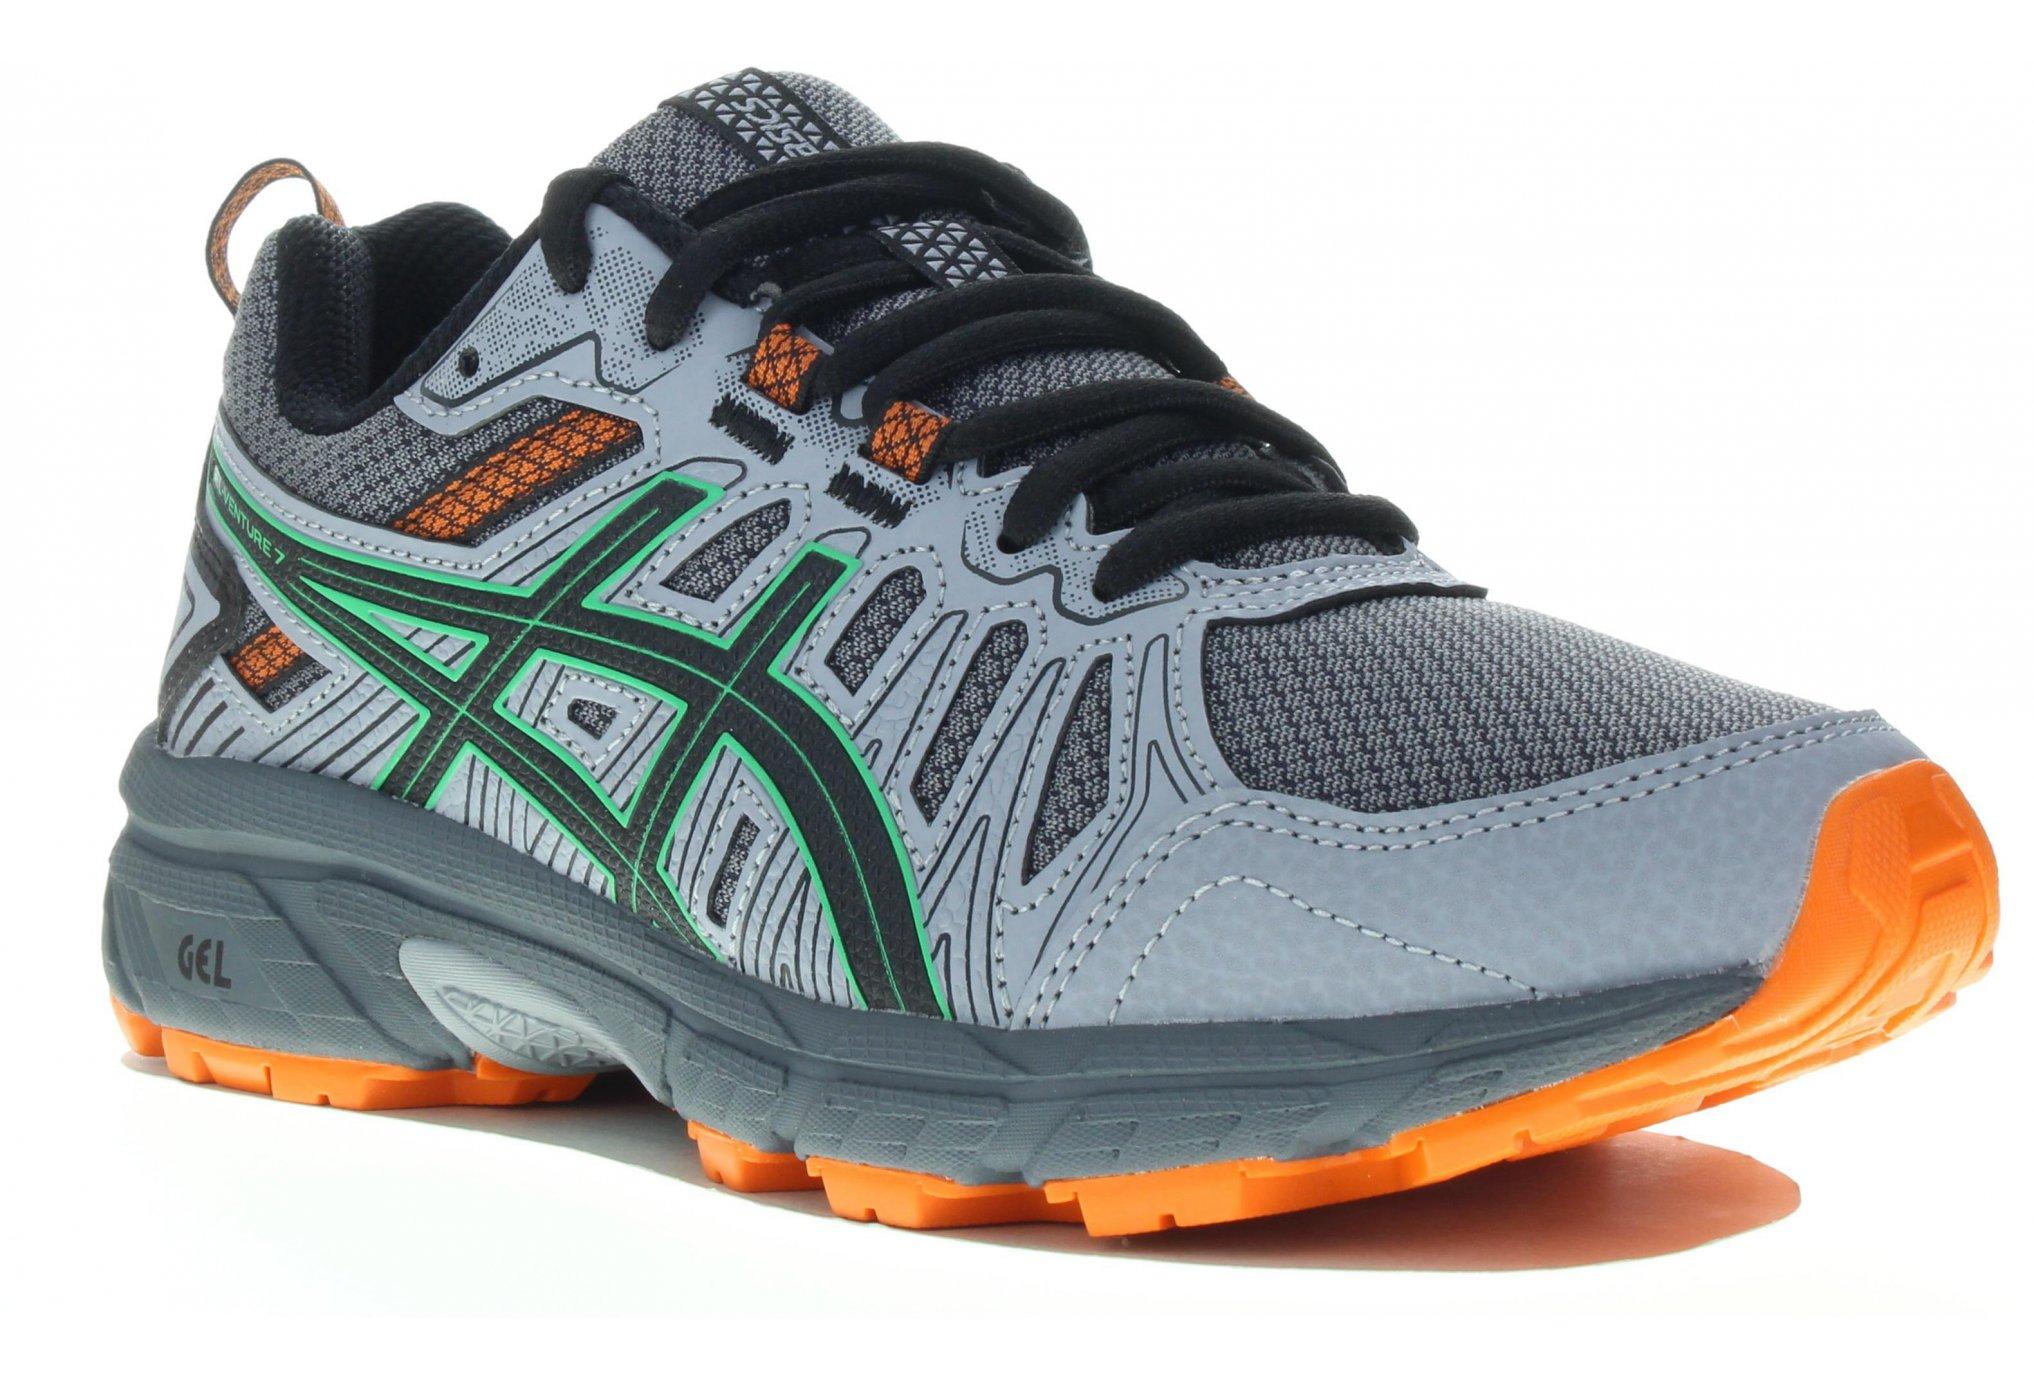 Asics Gel-Venture 7 GS Chaussures running femme